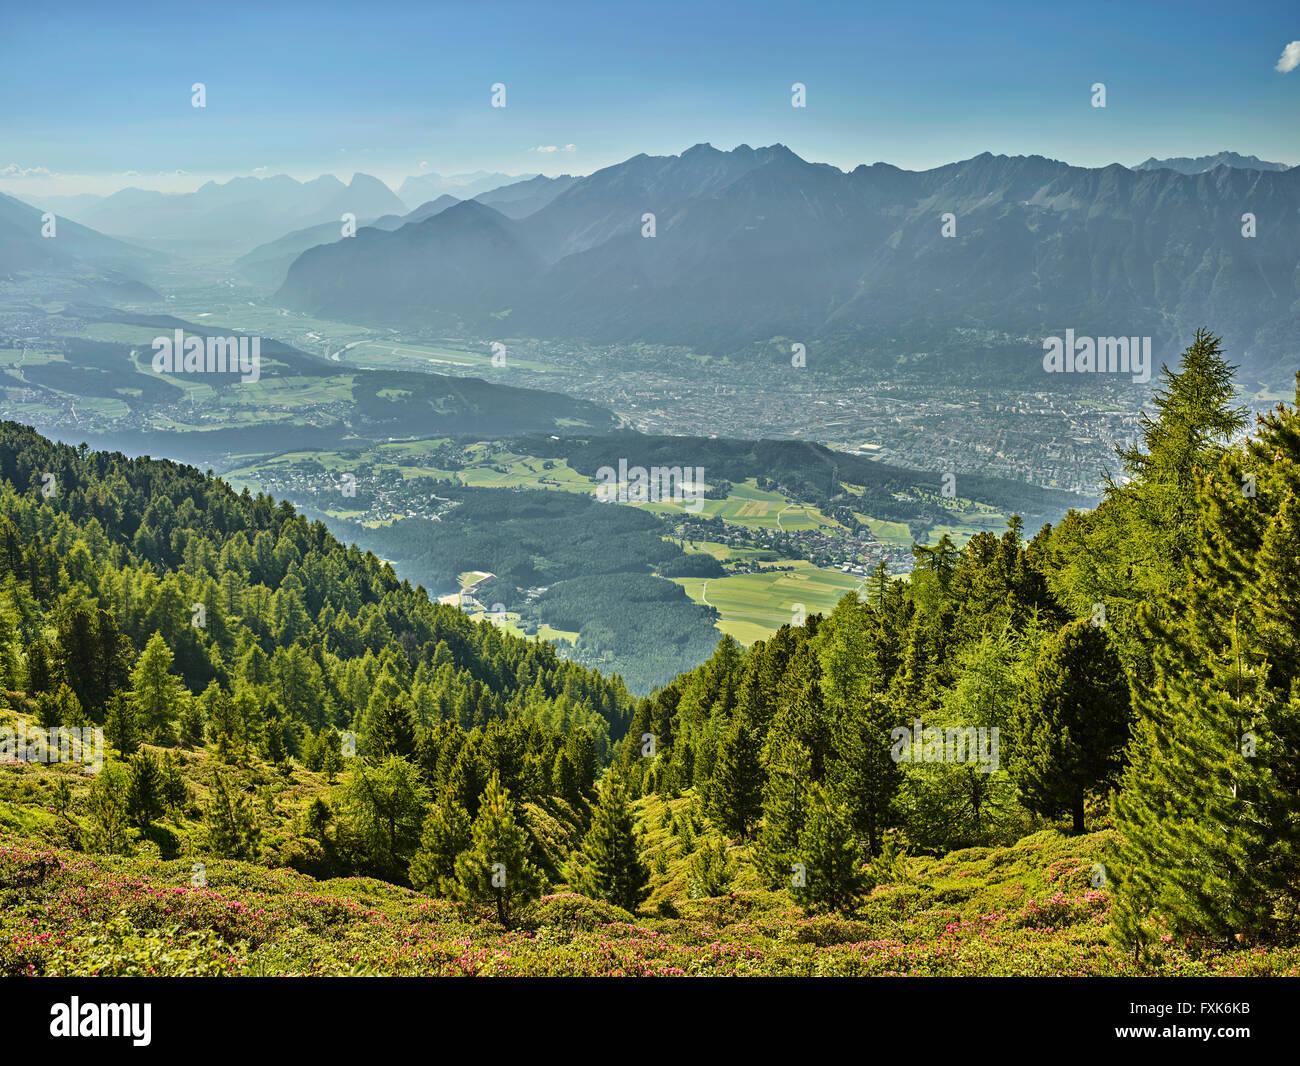 View of the Inn Valley and Innsbruck from Zirbenweg, Patscherkofel, Innsbruck, Tyrol, Austria - Stock Image